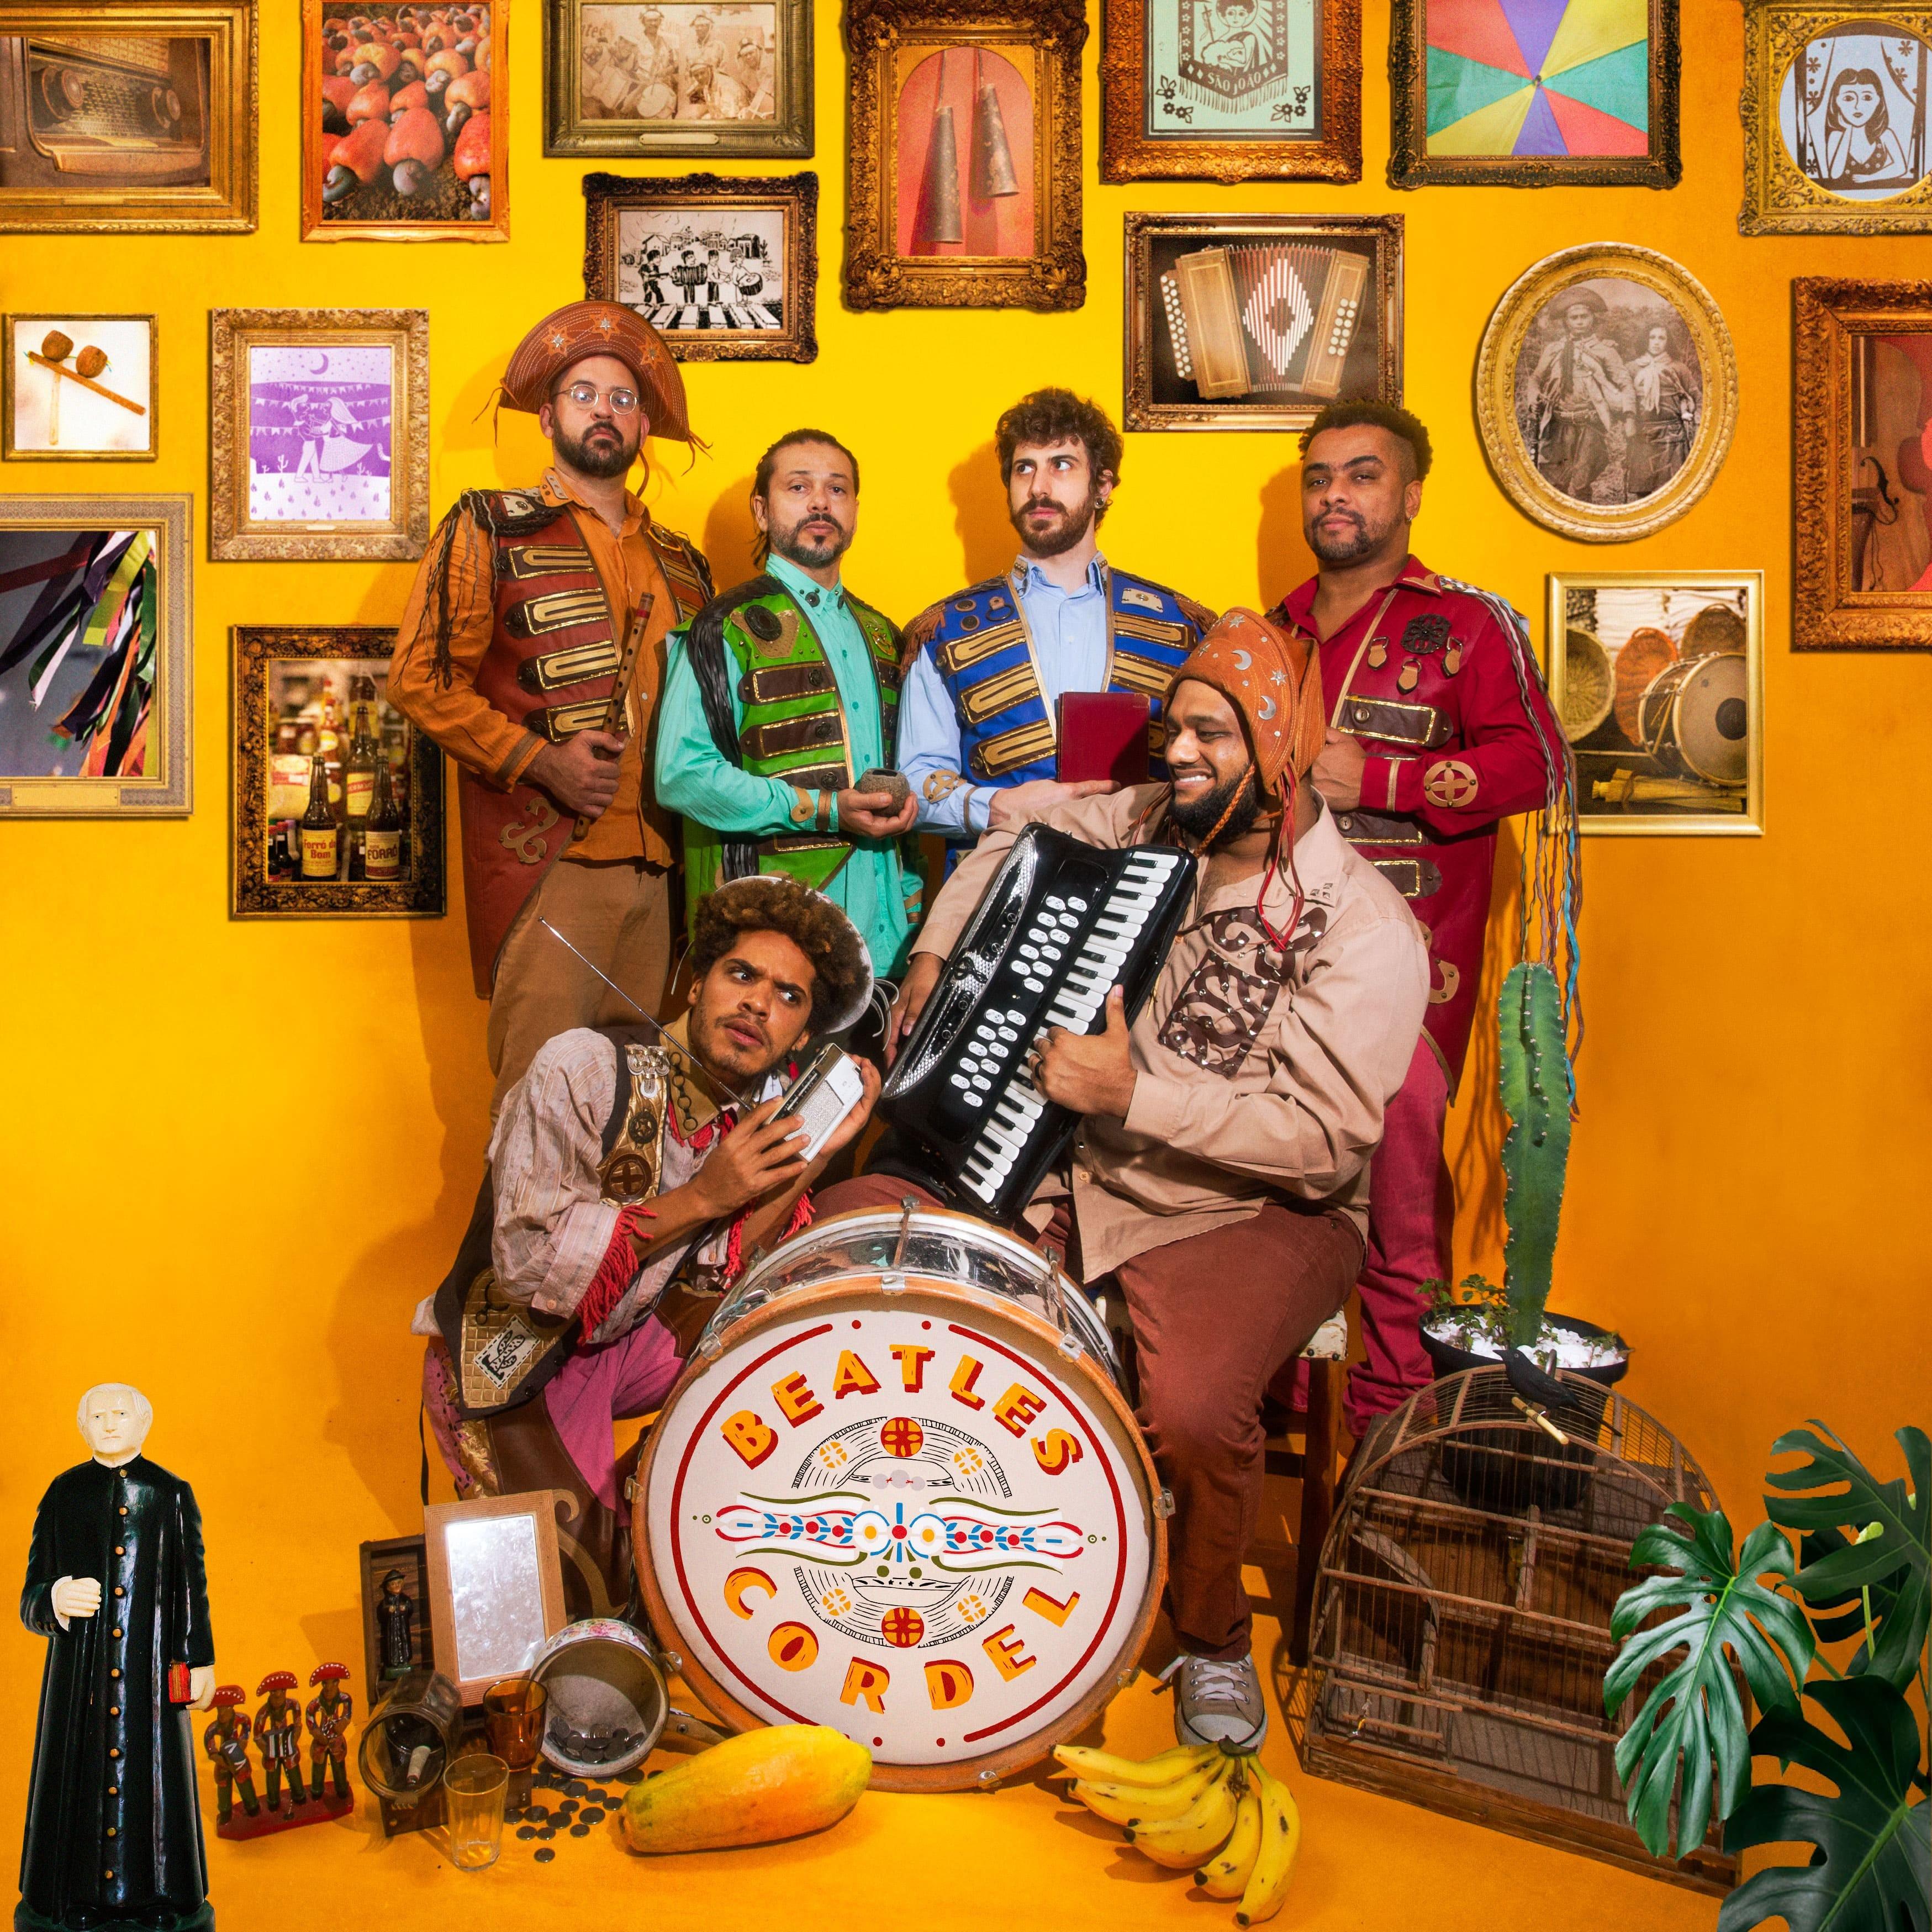 Teatro Sesi Piracicaba anuncia retomada presencial com espetáculos musicais e teatrais